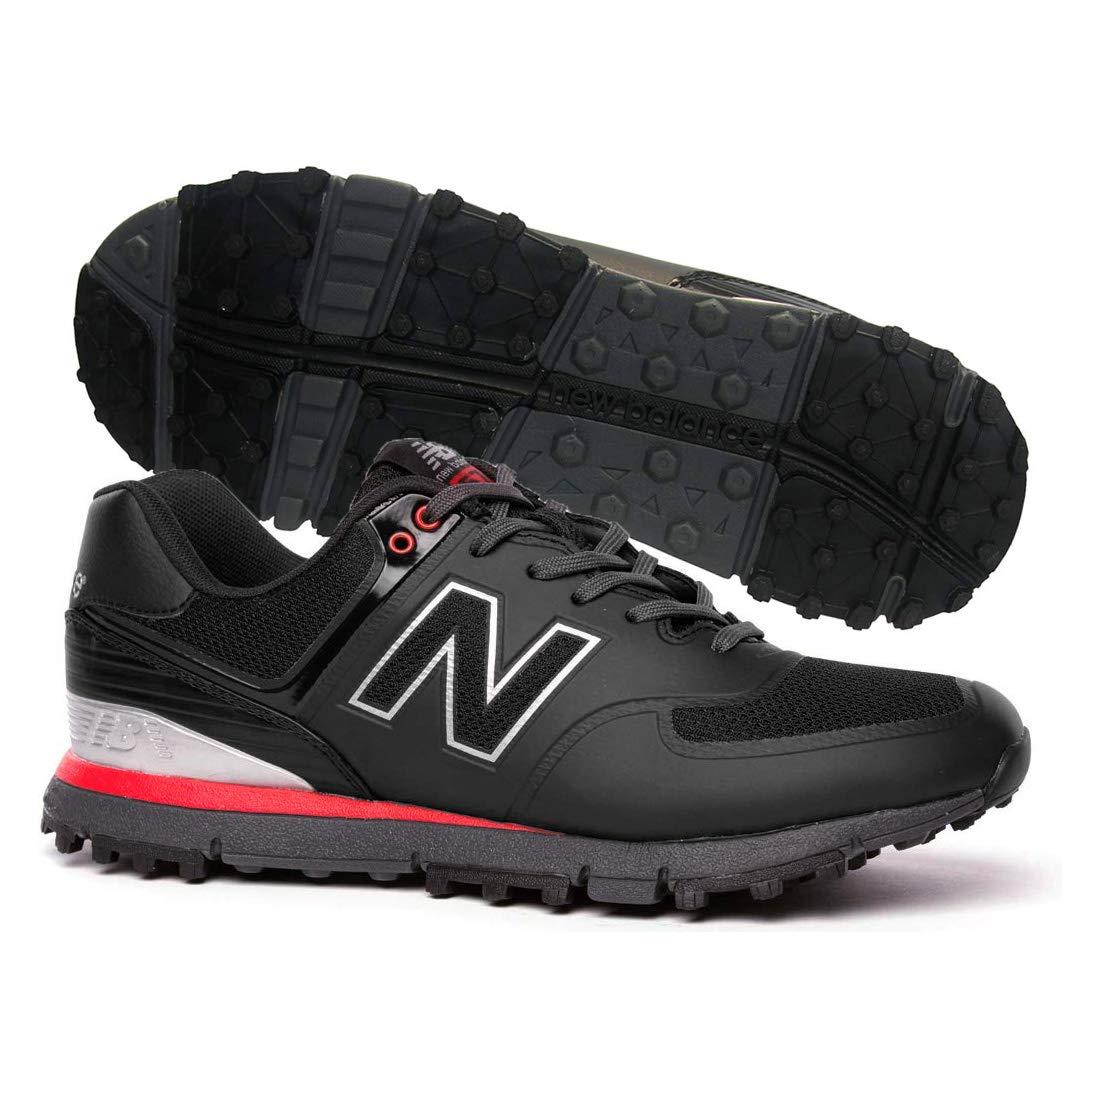 [ニューバランス] NBG518 BLACK/RED [並行輸入品] 26.0 cm D  B07PMWGNC5